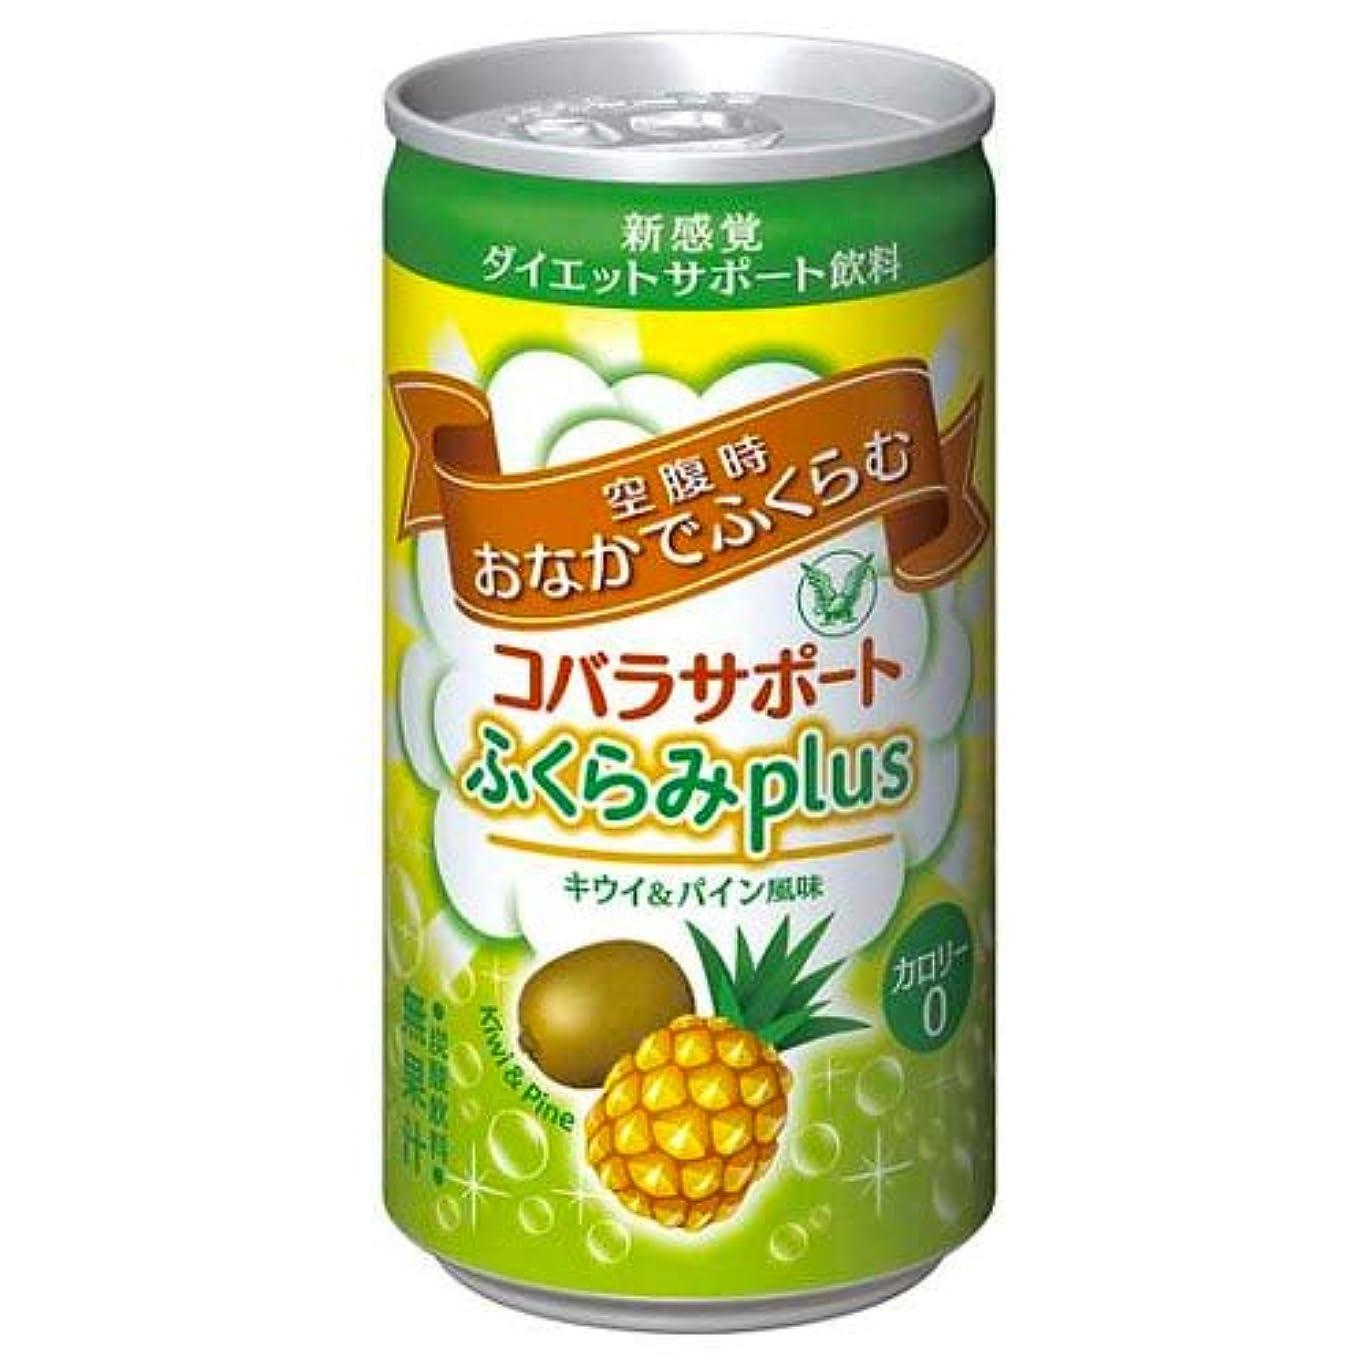 不利益シビック重要大正製薬 コバラサポート ふくらみPLUS キウイ&パイン風味 185ml